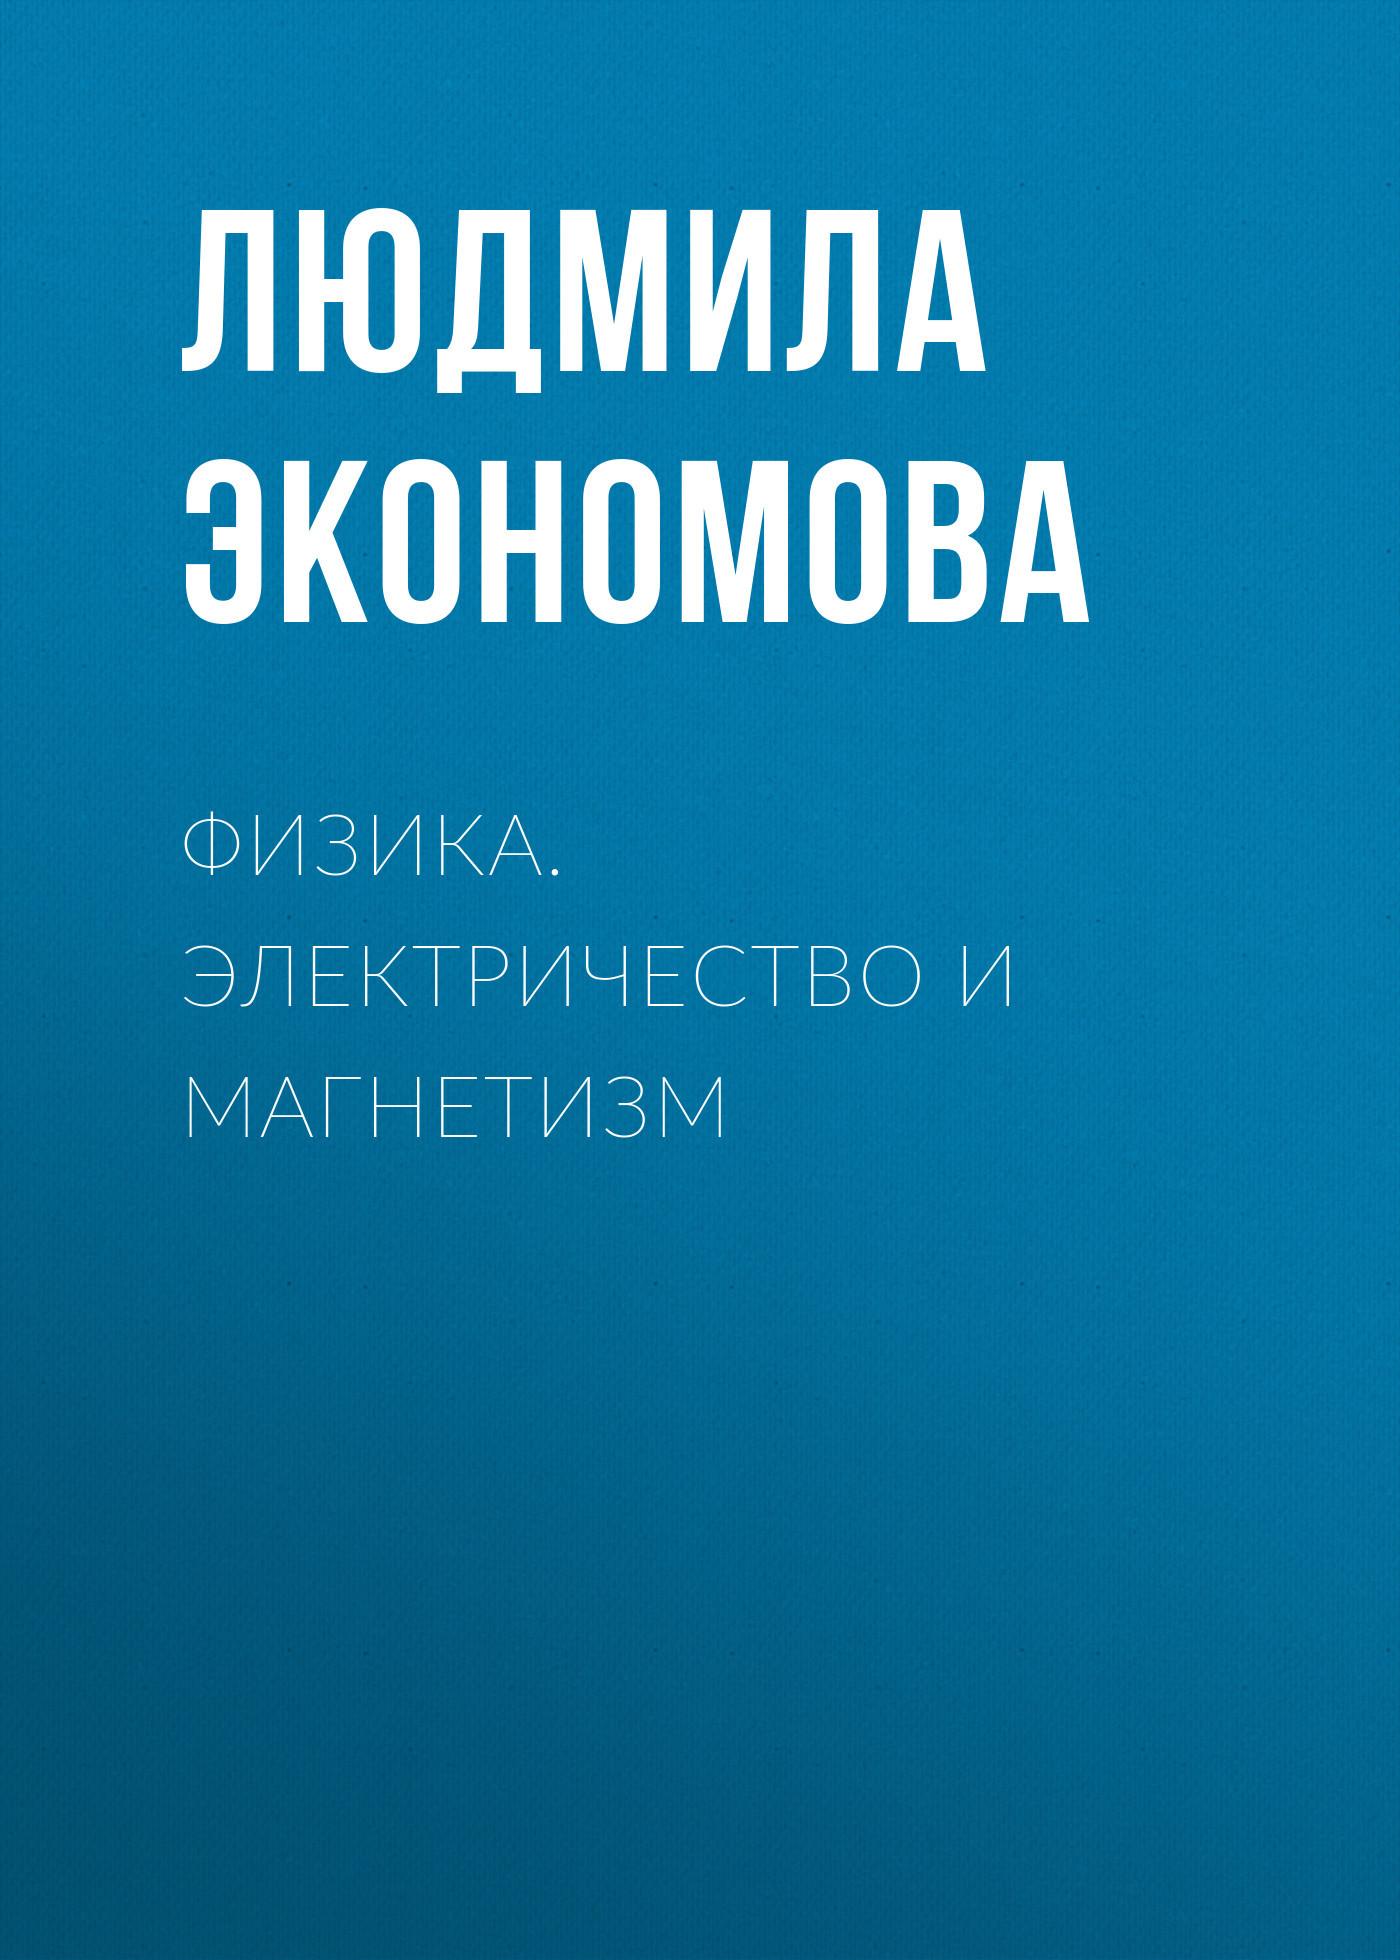 Людмила Экономова. Физика. Электричество и магнетизм